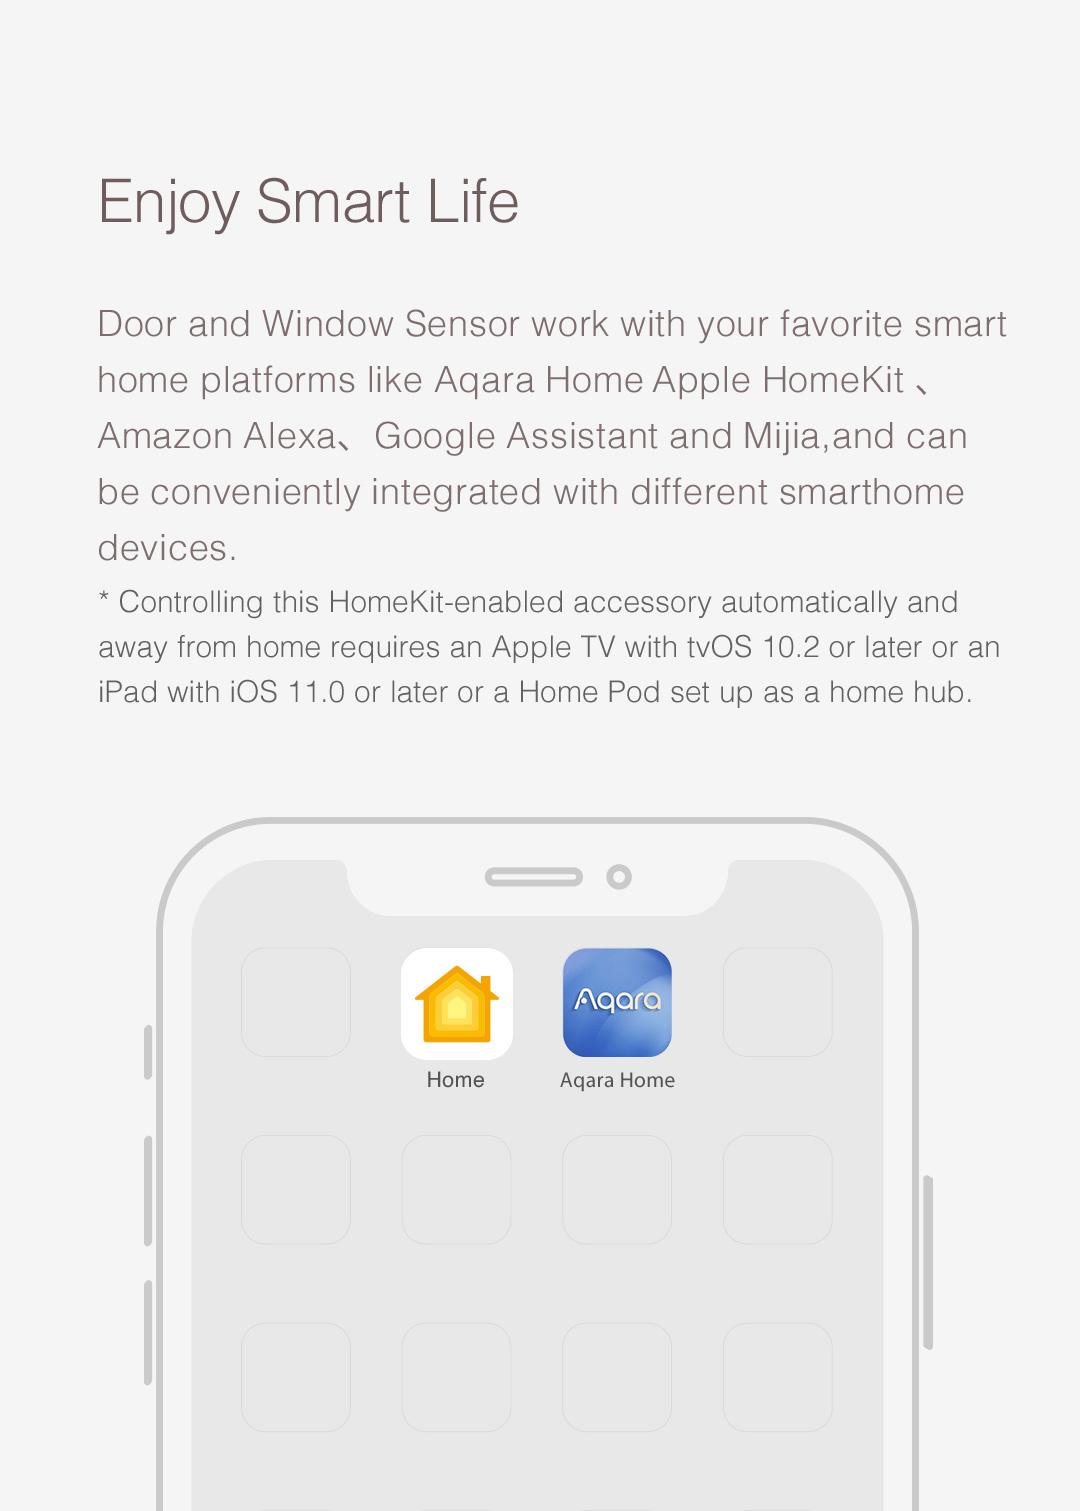 Aqara smart door window sensor works with Apple HomeKit and Xiaomi Mijia